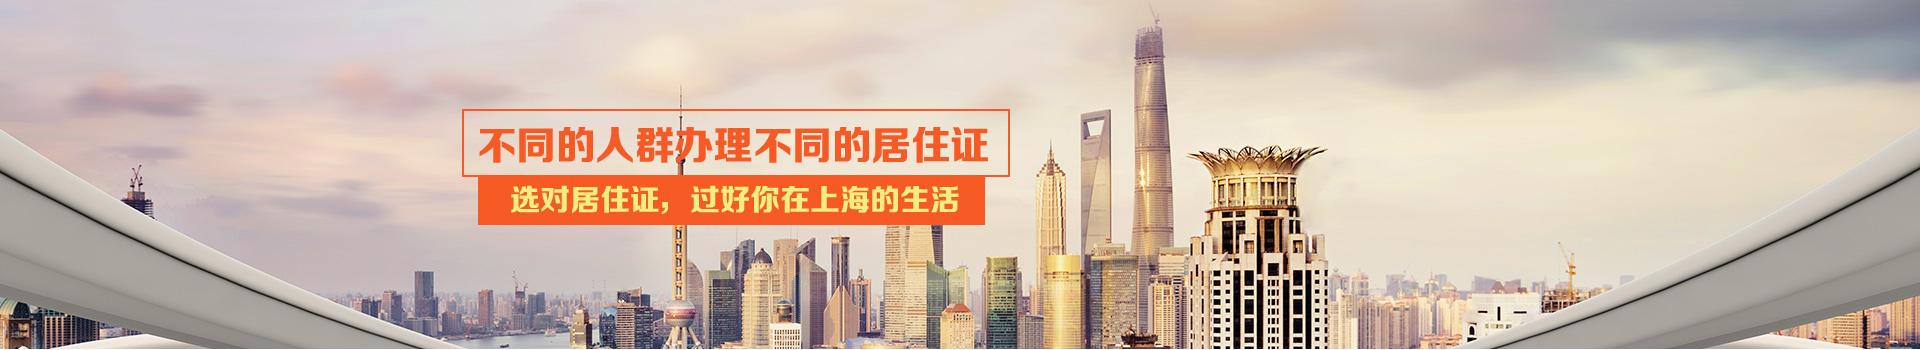 上海市居住证有哪几种